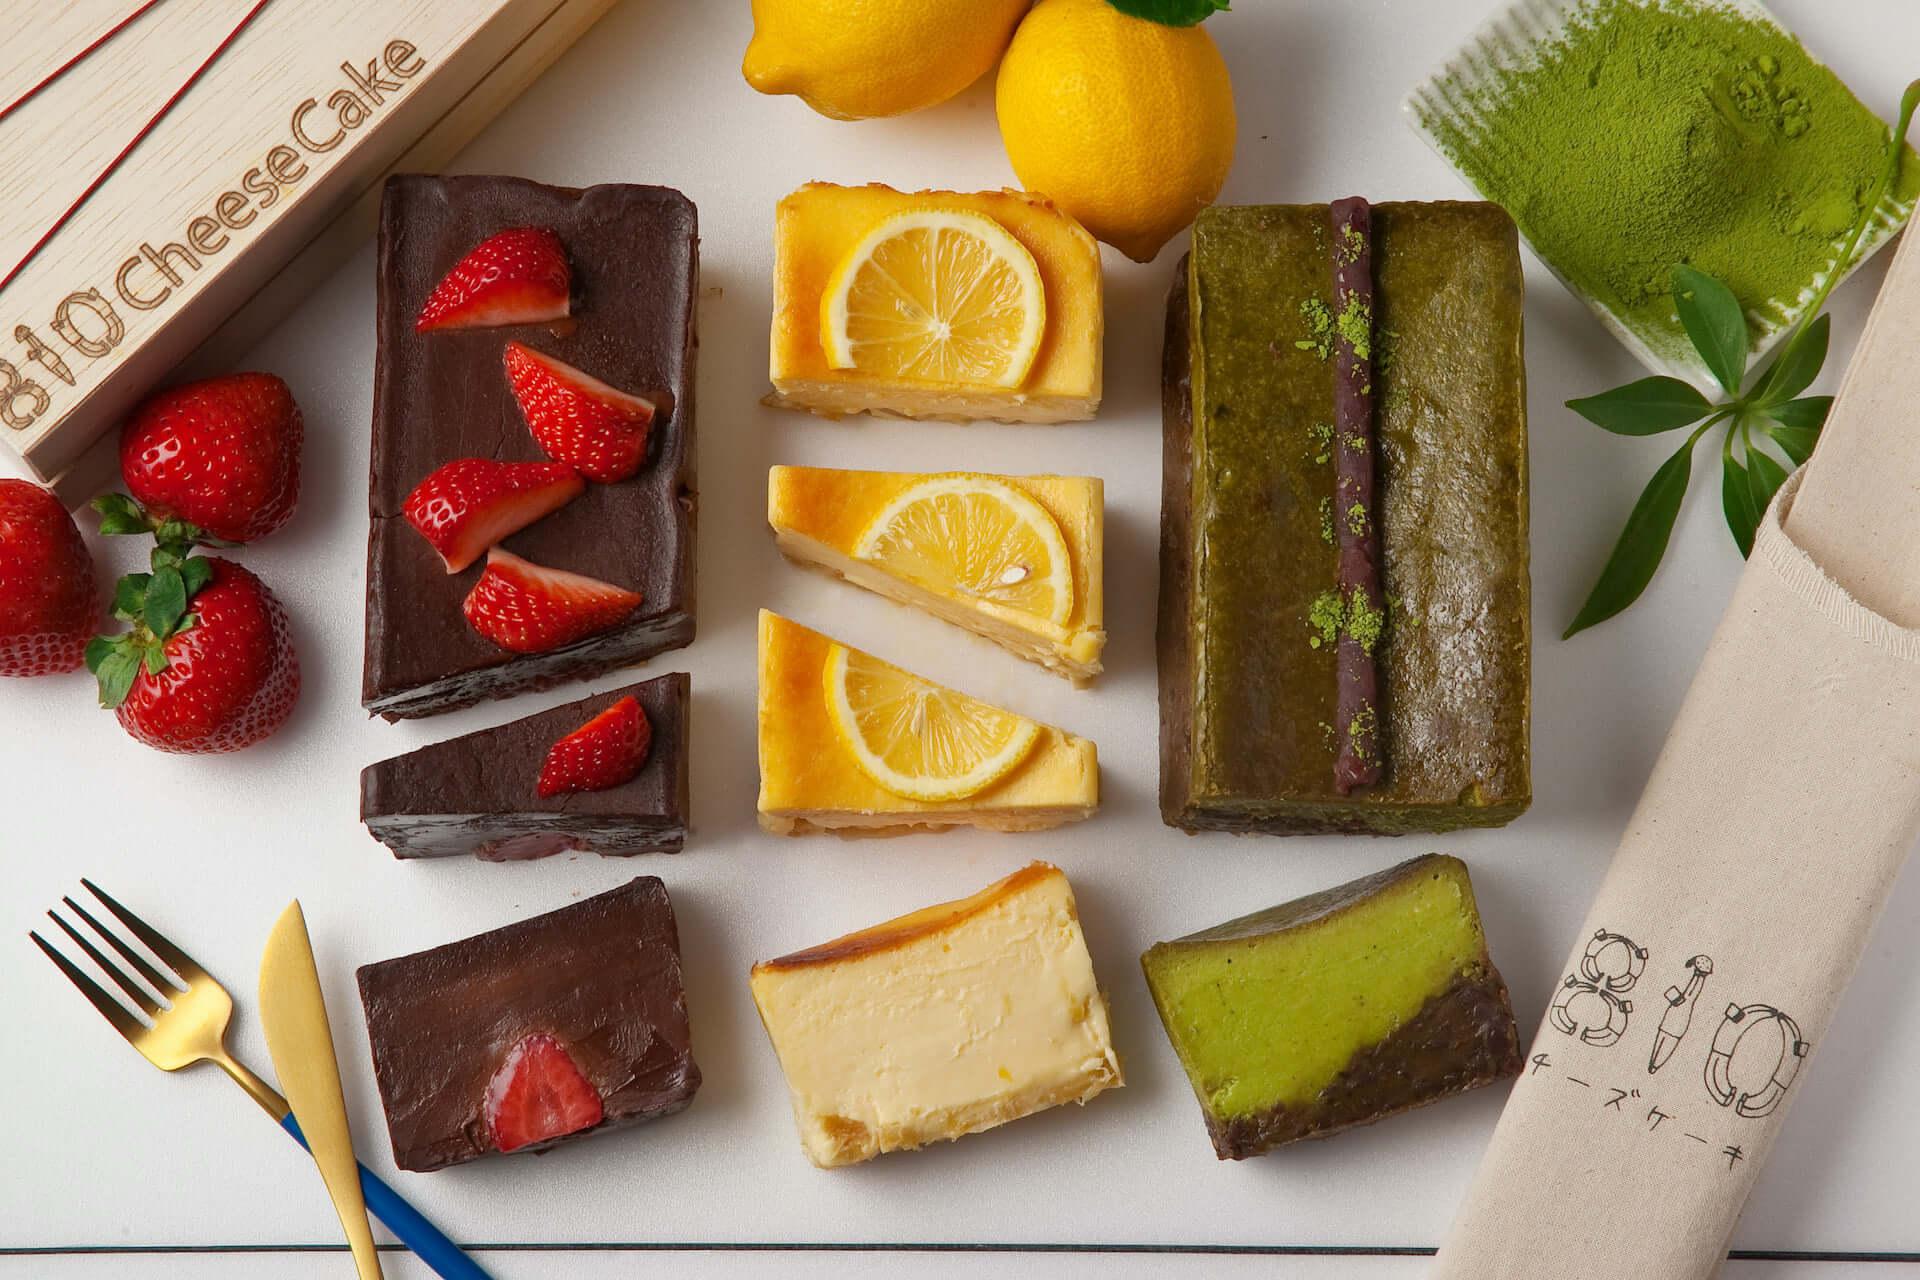 福岡あまおう、糸島レモン、八女抹茶を使用した和菓子テイストのチーズケーキ『810cheesecake』がMakuakeにて先行販売中! gourmet210219_-810cheesecake_2-1920x1280